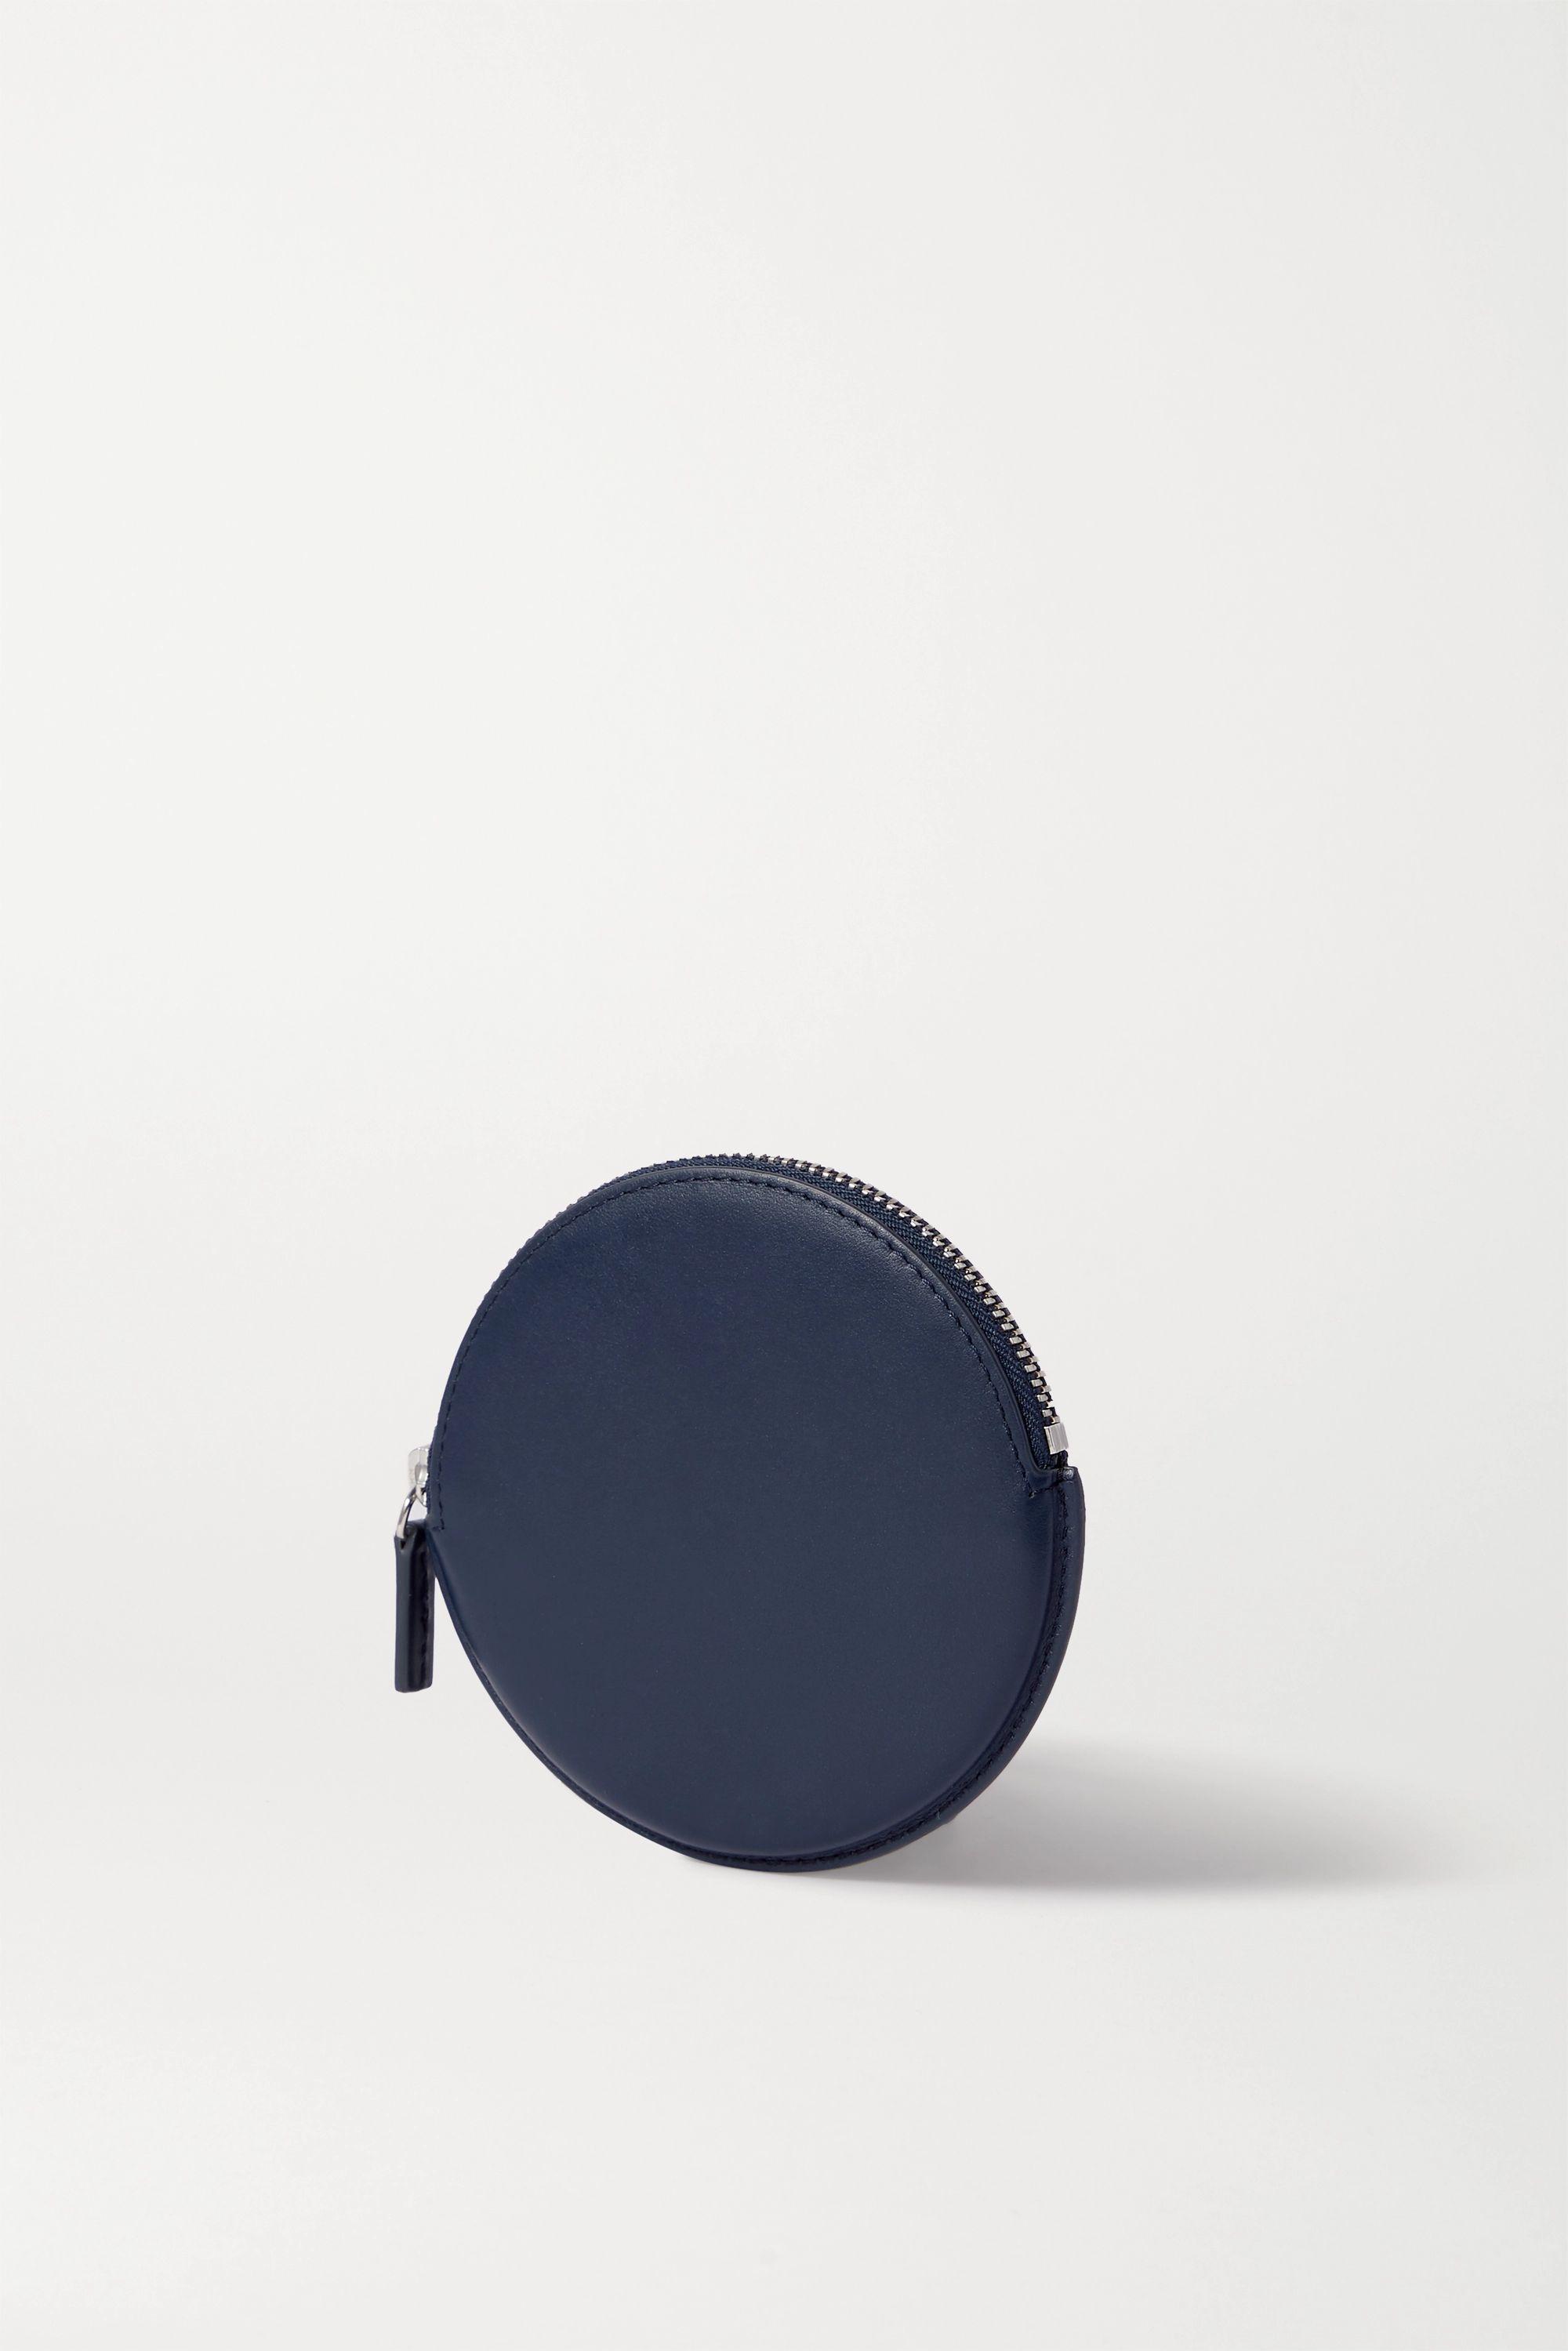 Jacquemus Le Pitchou mini textured-leather pouch